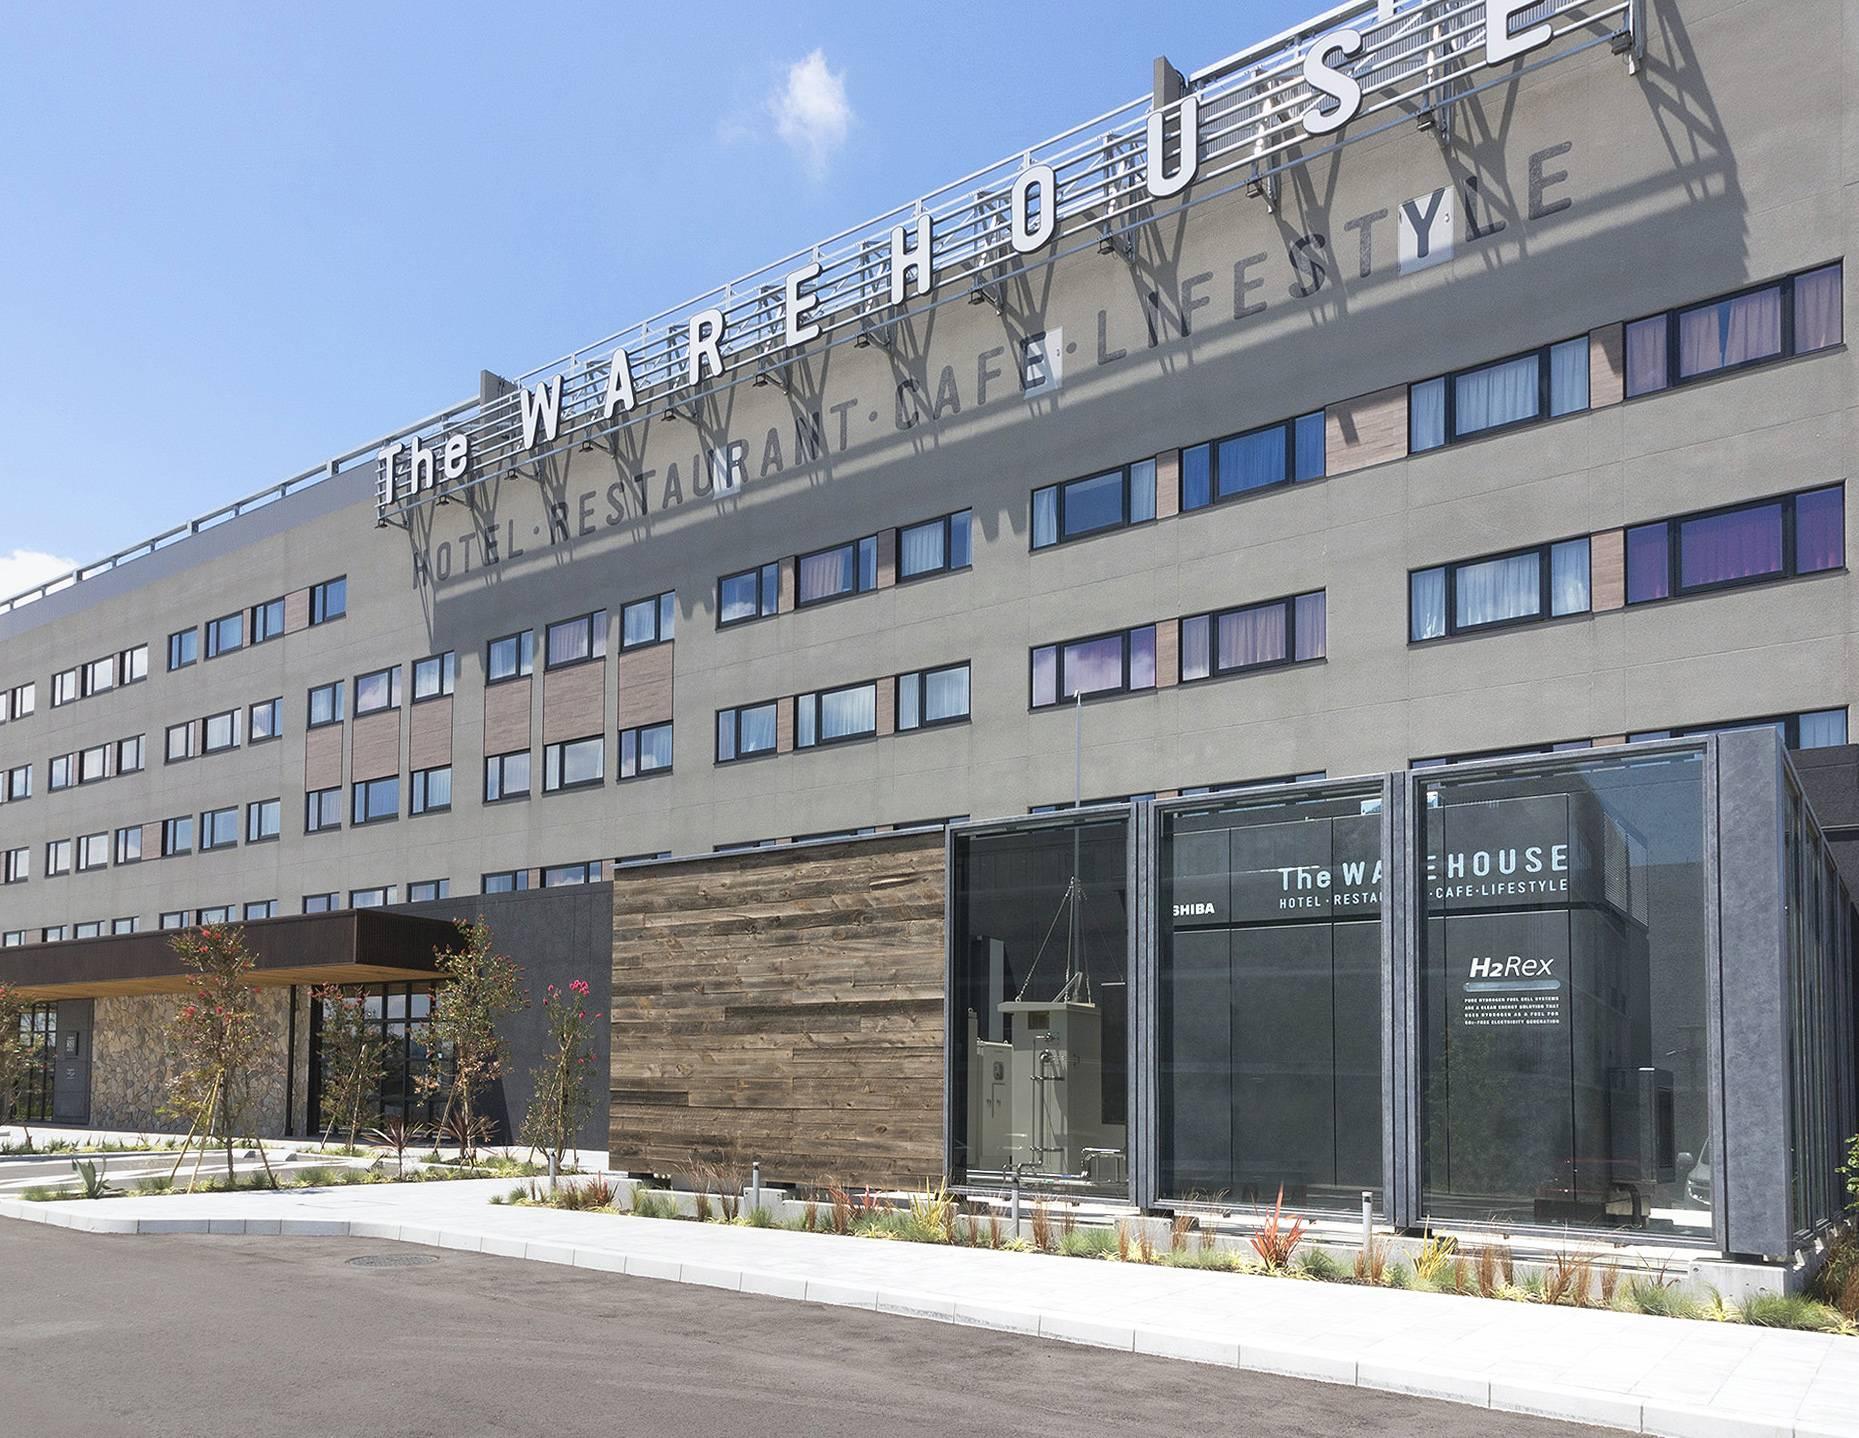 东芝用纯氢燃料电池系统为新酒店提供电力和热水